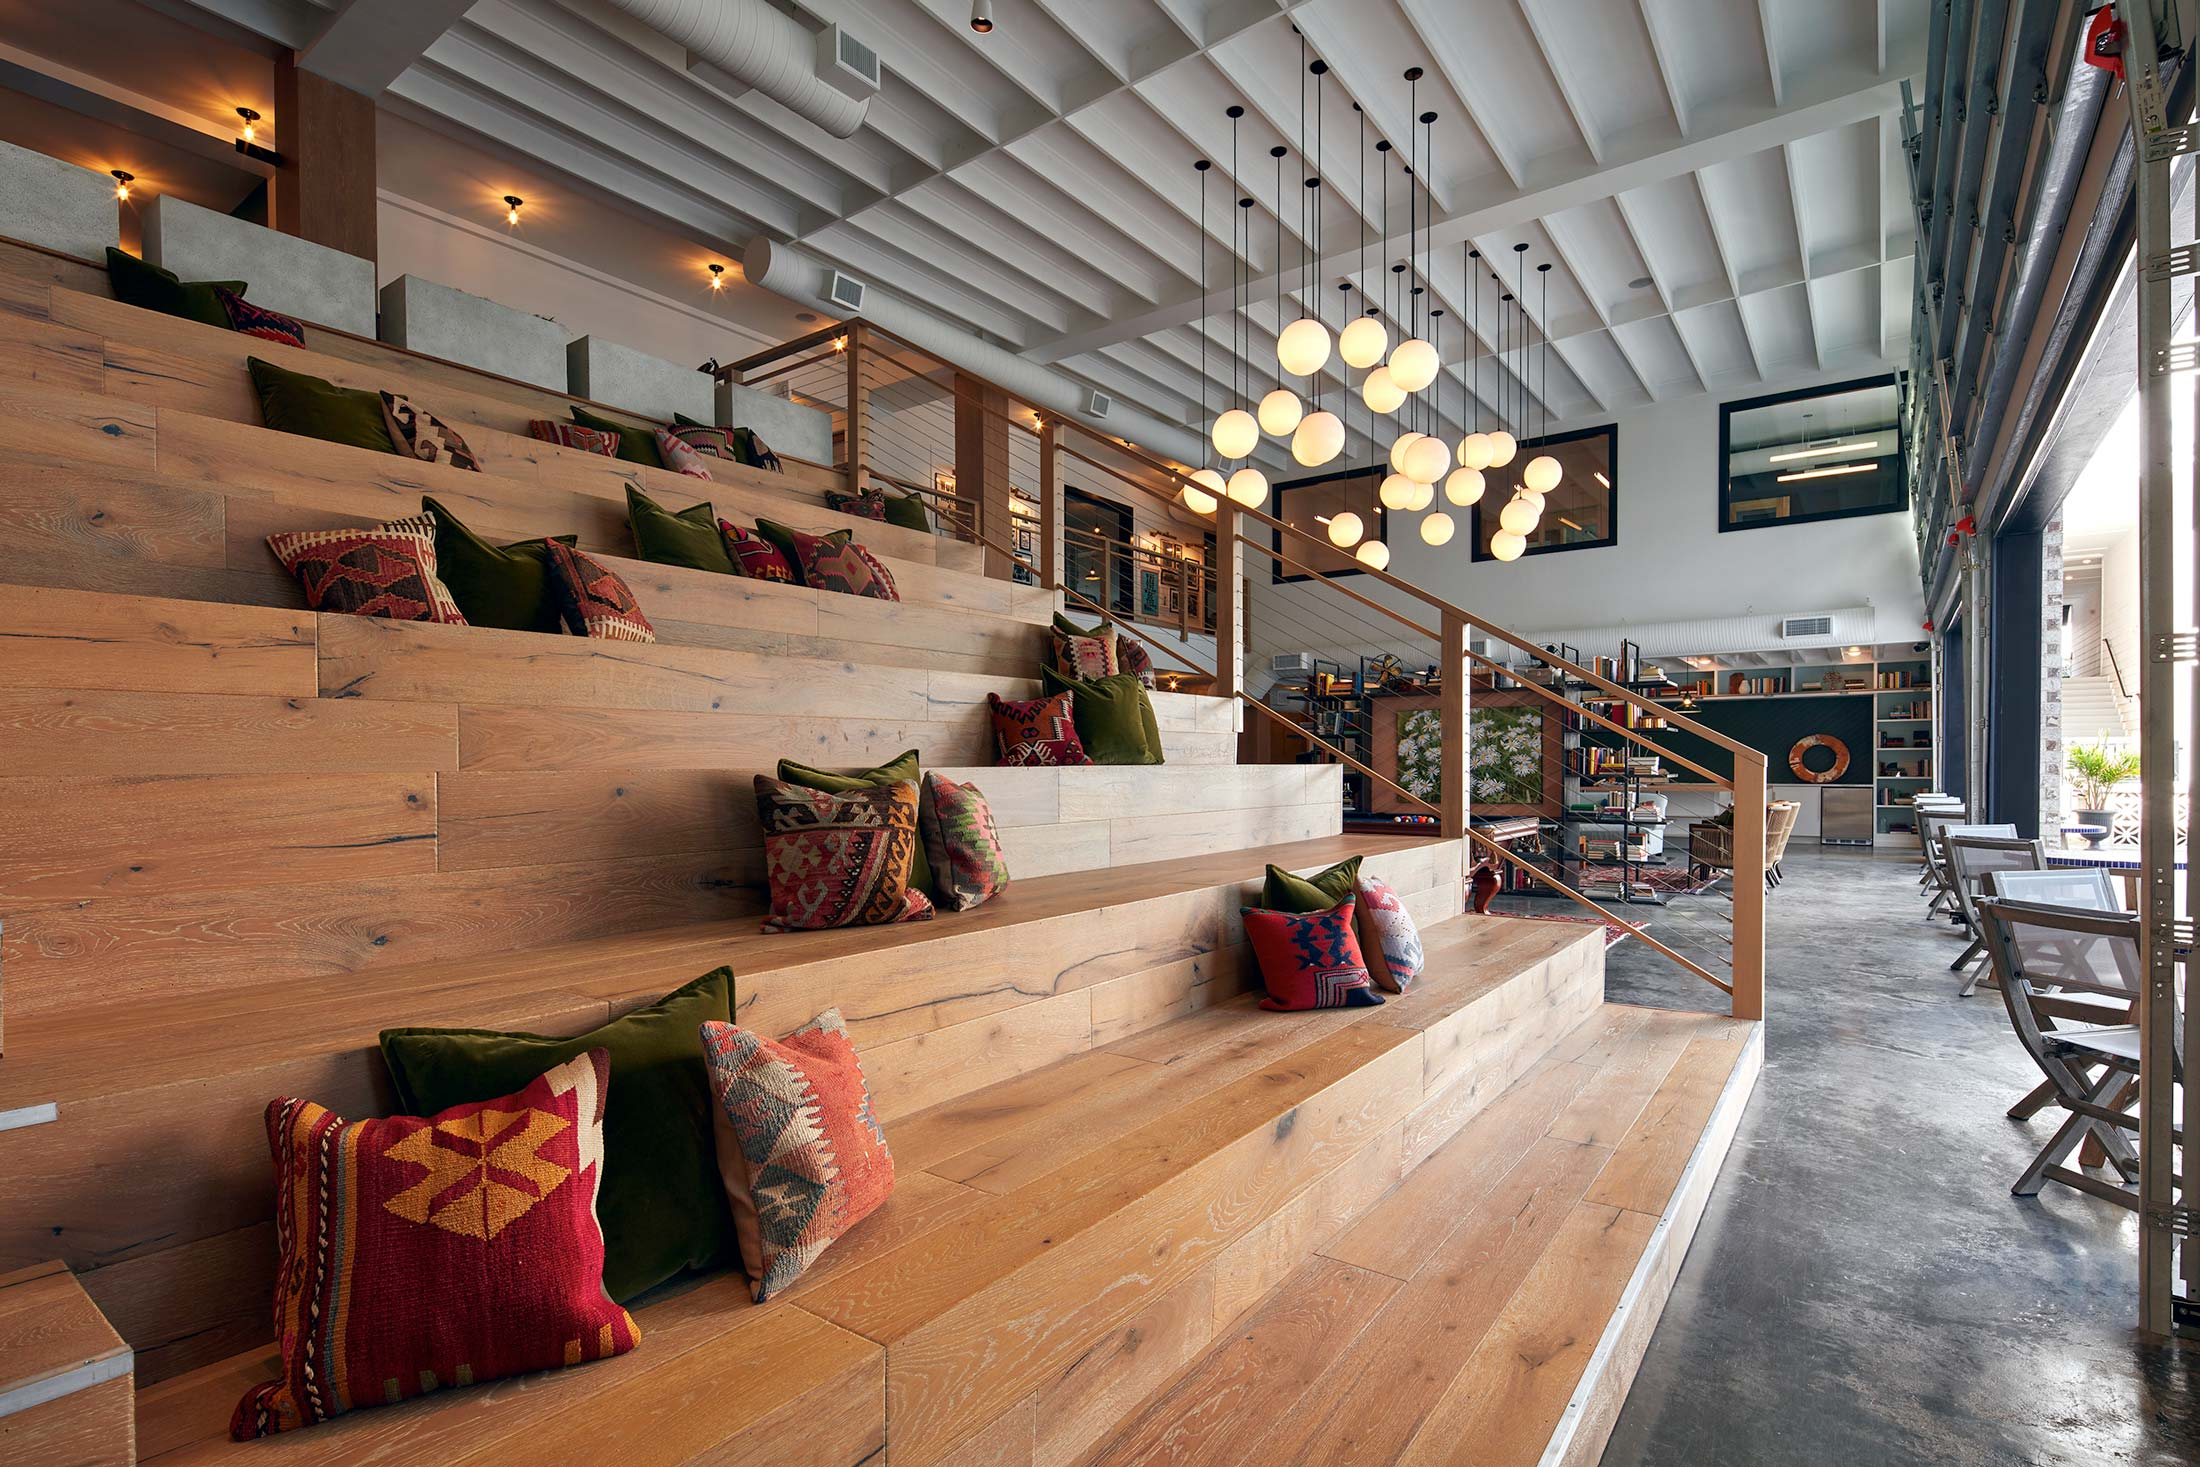 Olmsted_Stair.jpg